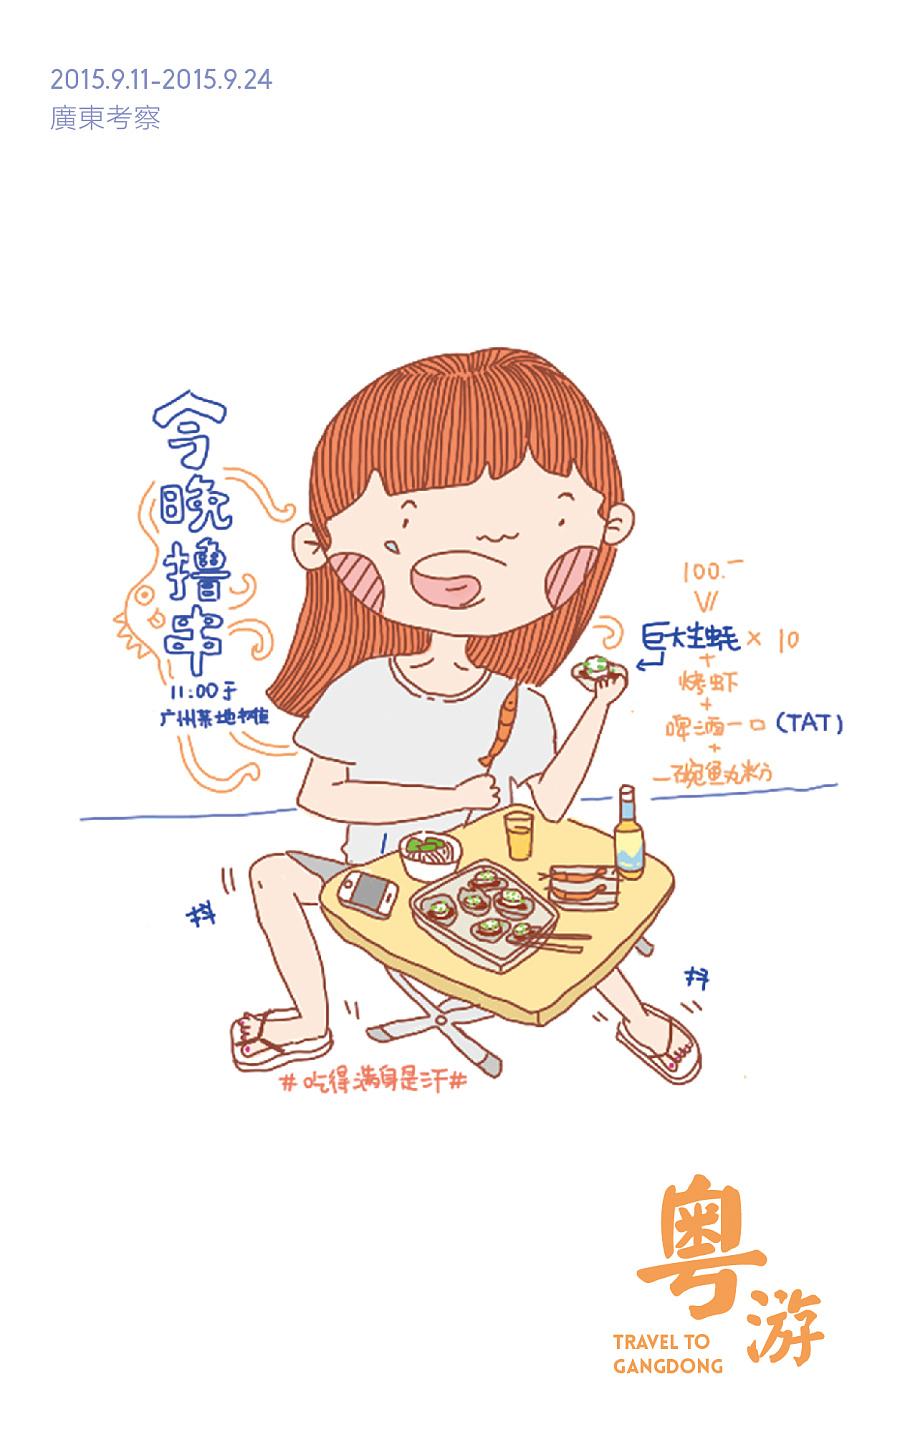 原创作品:广东手绘日记